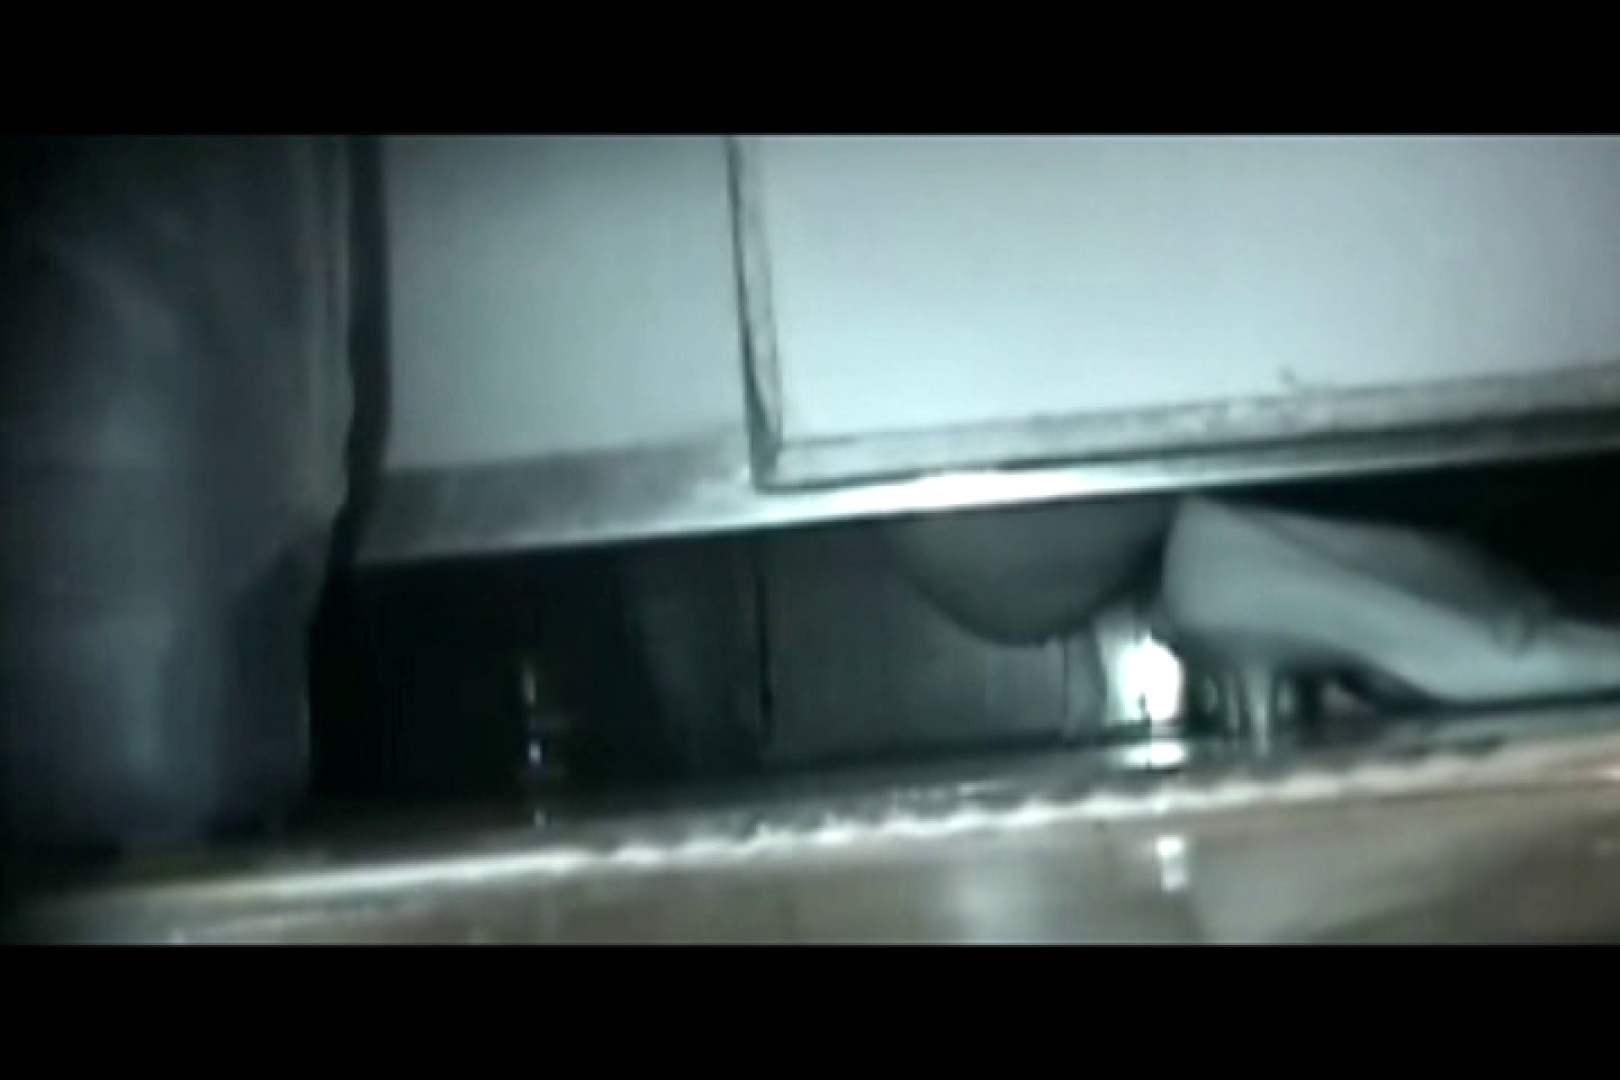 ぼっとん洗面所スペシャルVol.19 OLセックス | おまんこ無修正  87画像 49